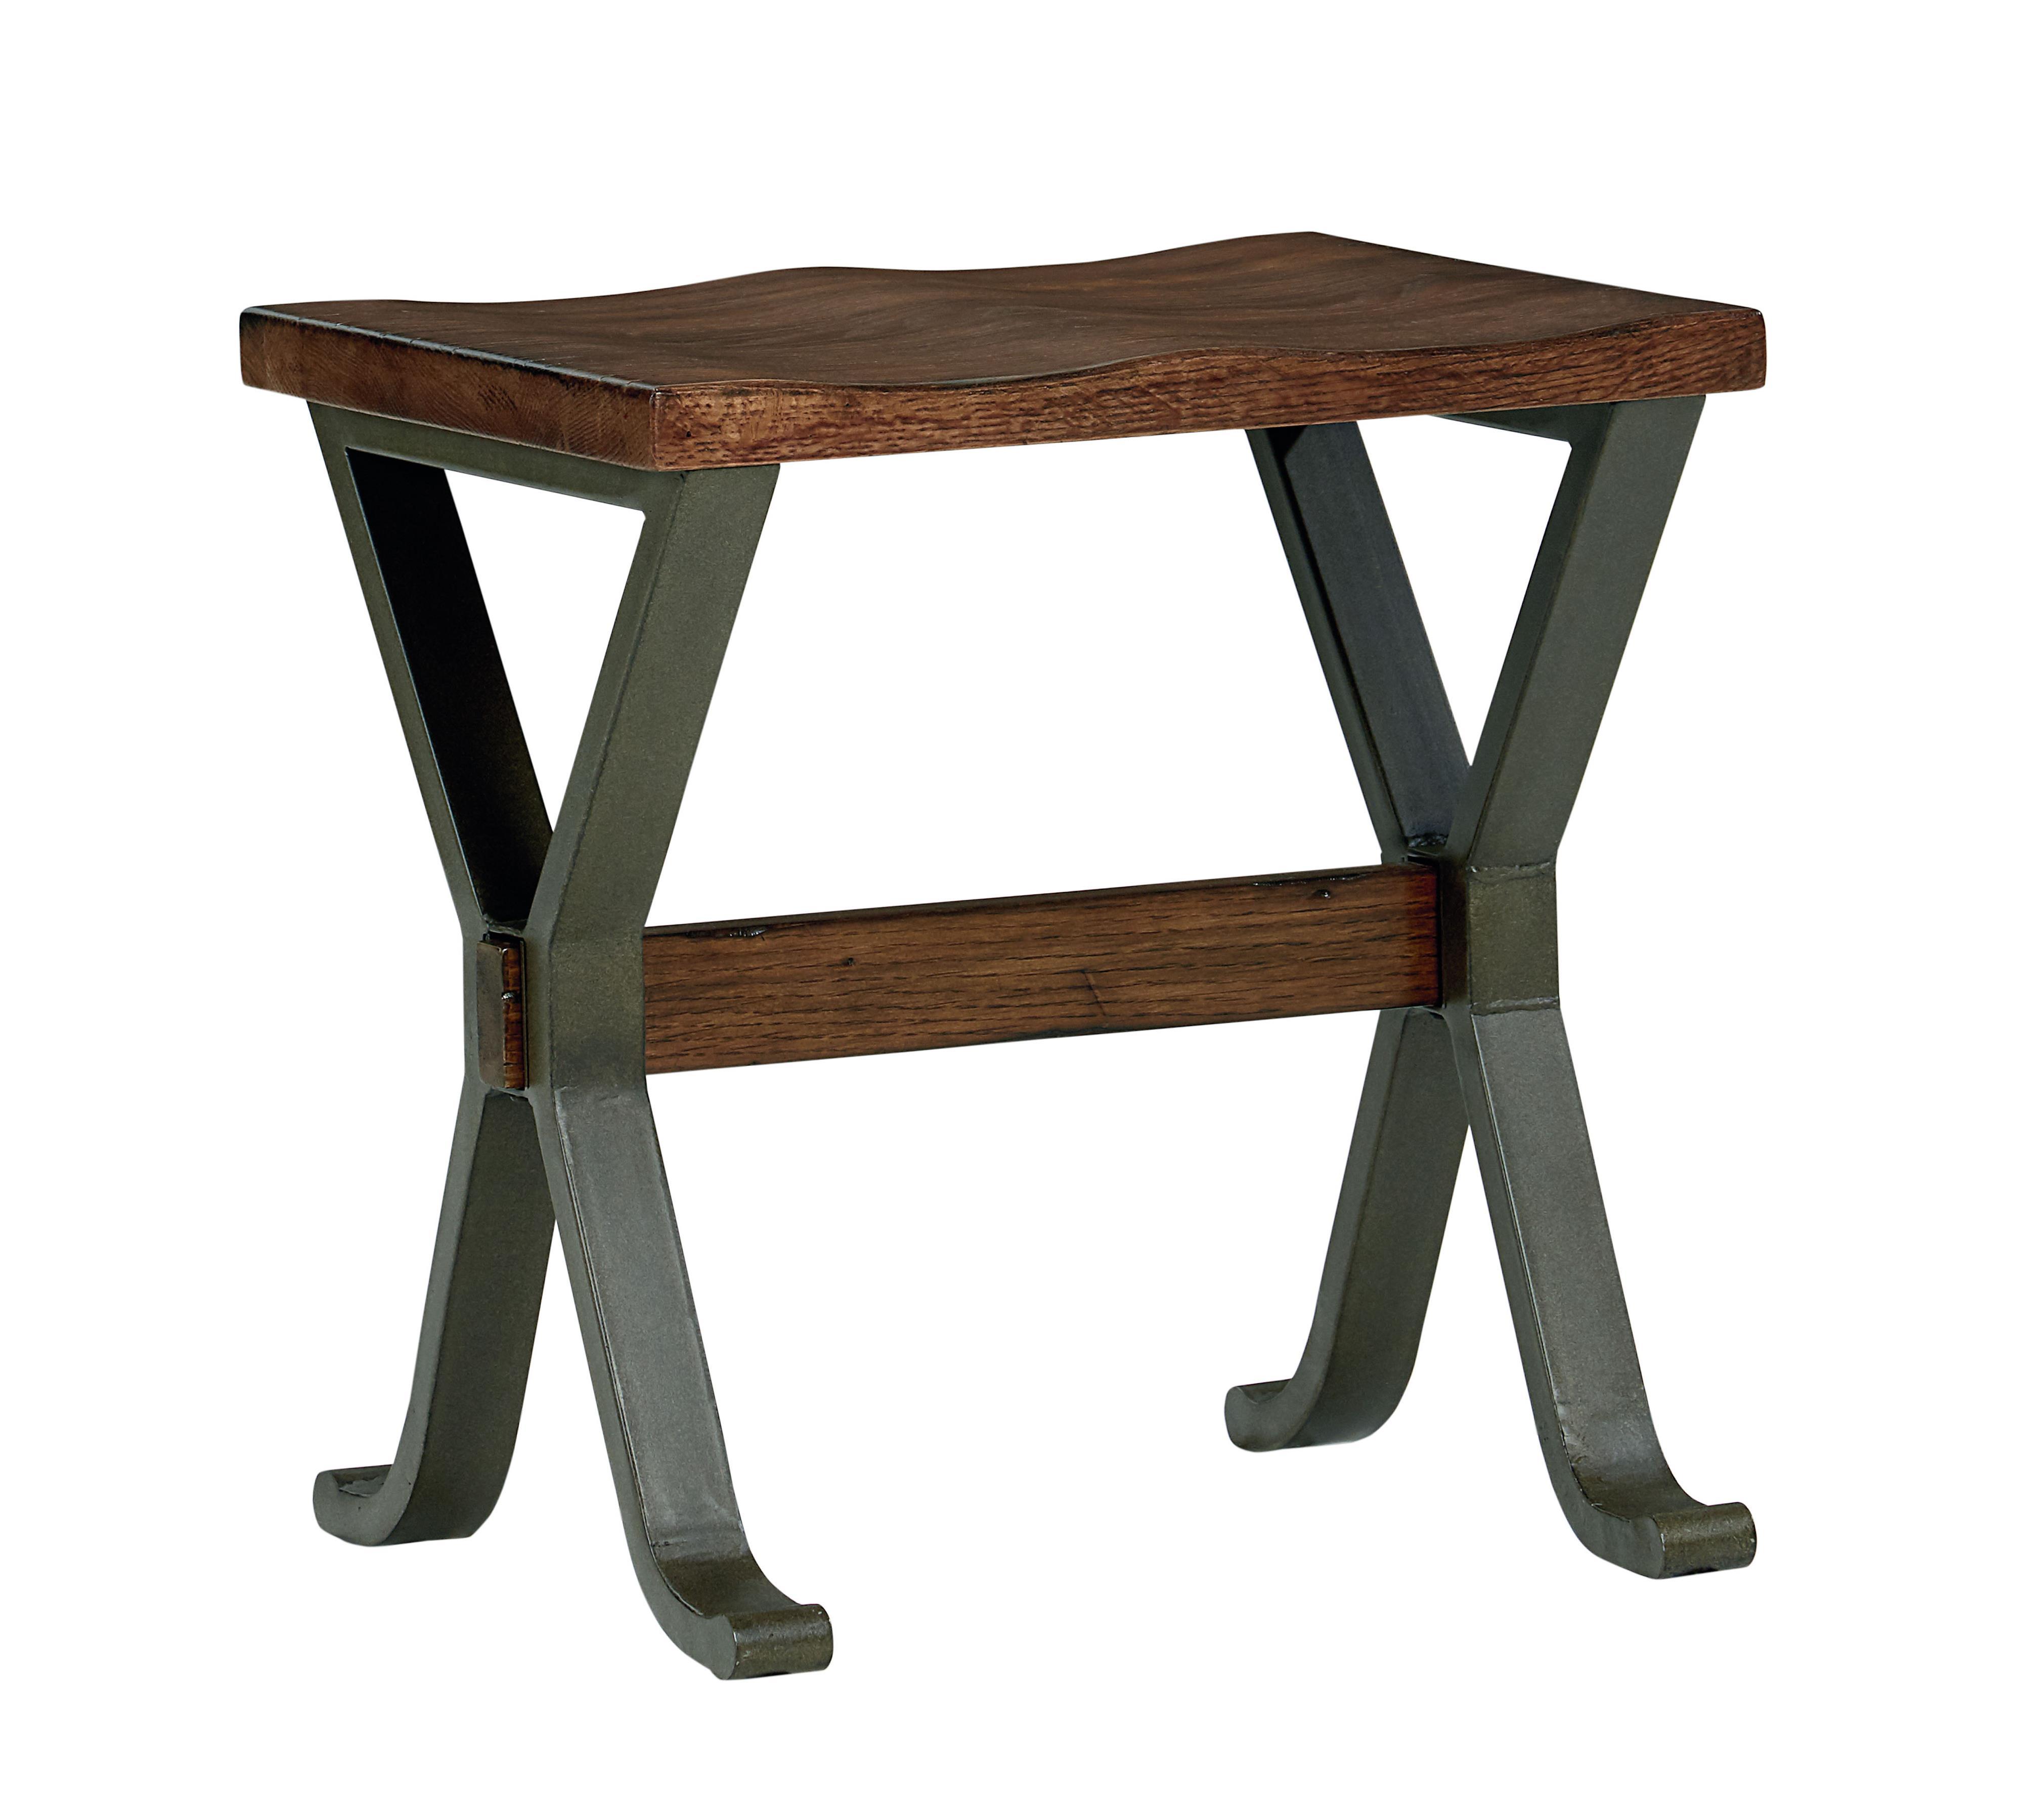 Standard Furniture Reynolds Stool - Item Number: 11084